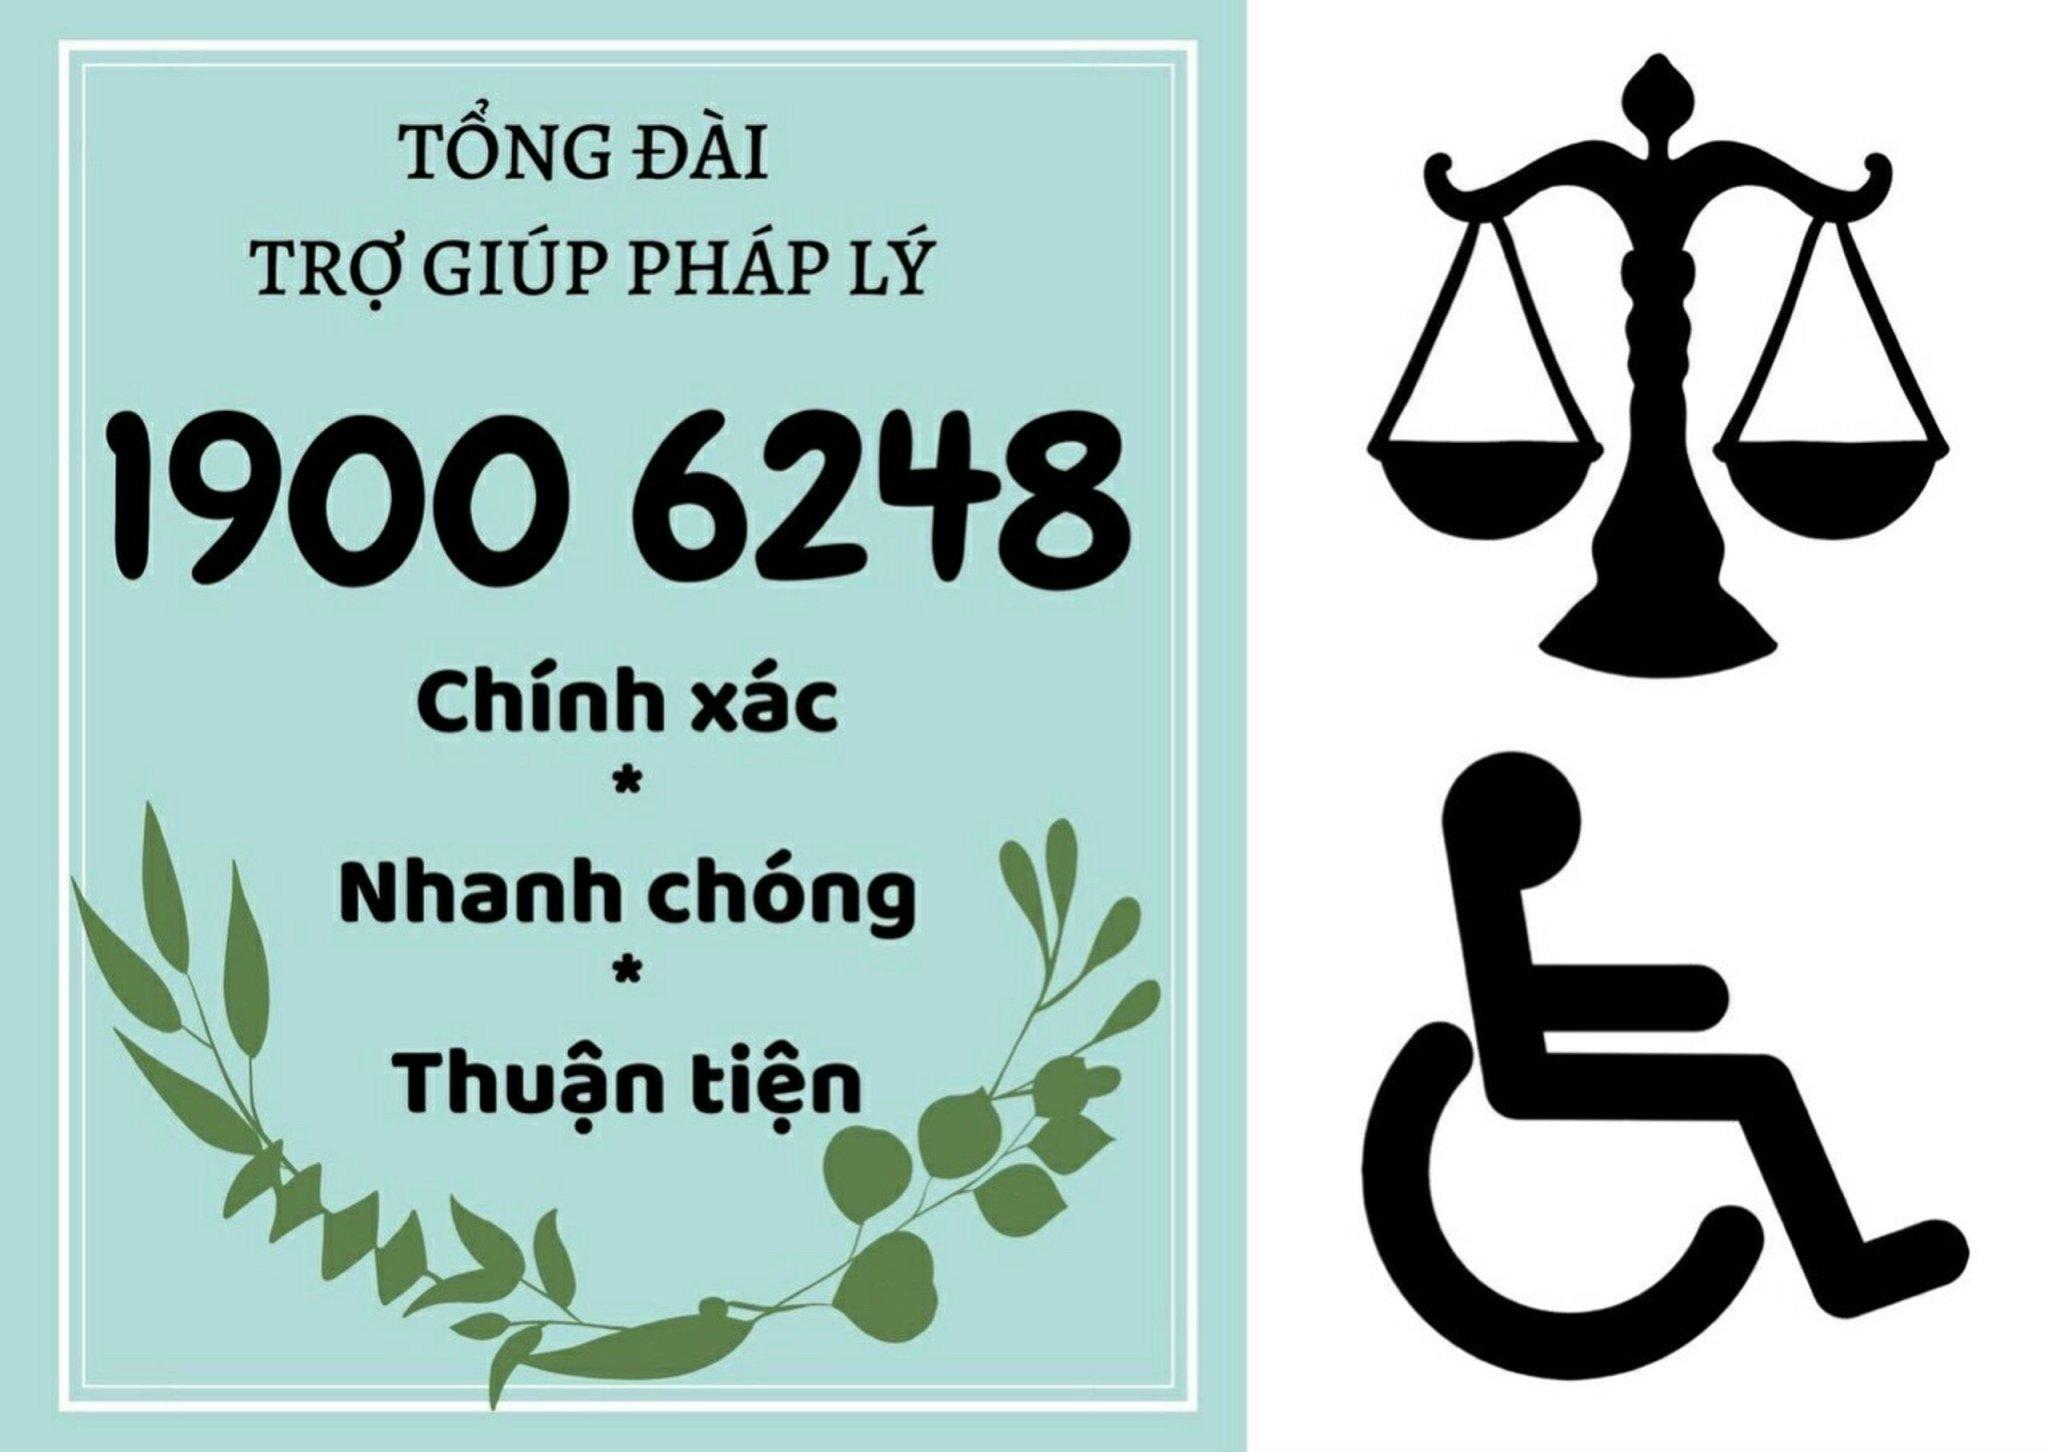 Trung tâm trợ giúp pháp lý Đồng hành Việt